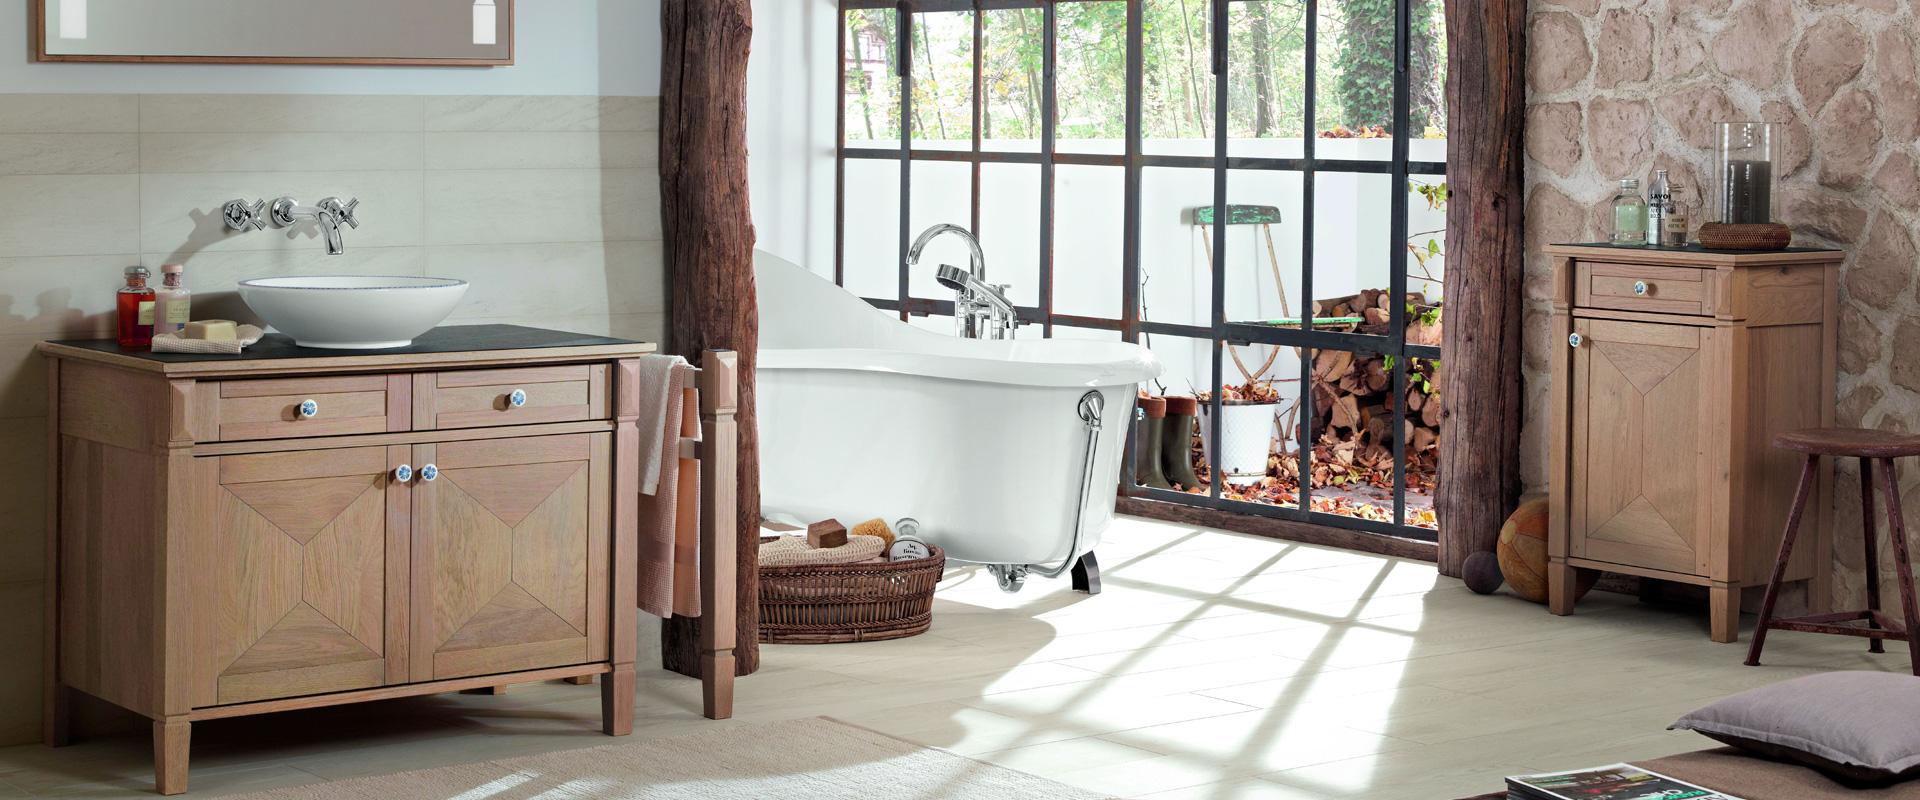 Badmeubels van hout – onderhoud van uw hoogwaardige houten meubels.